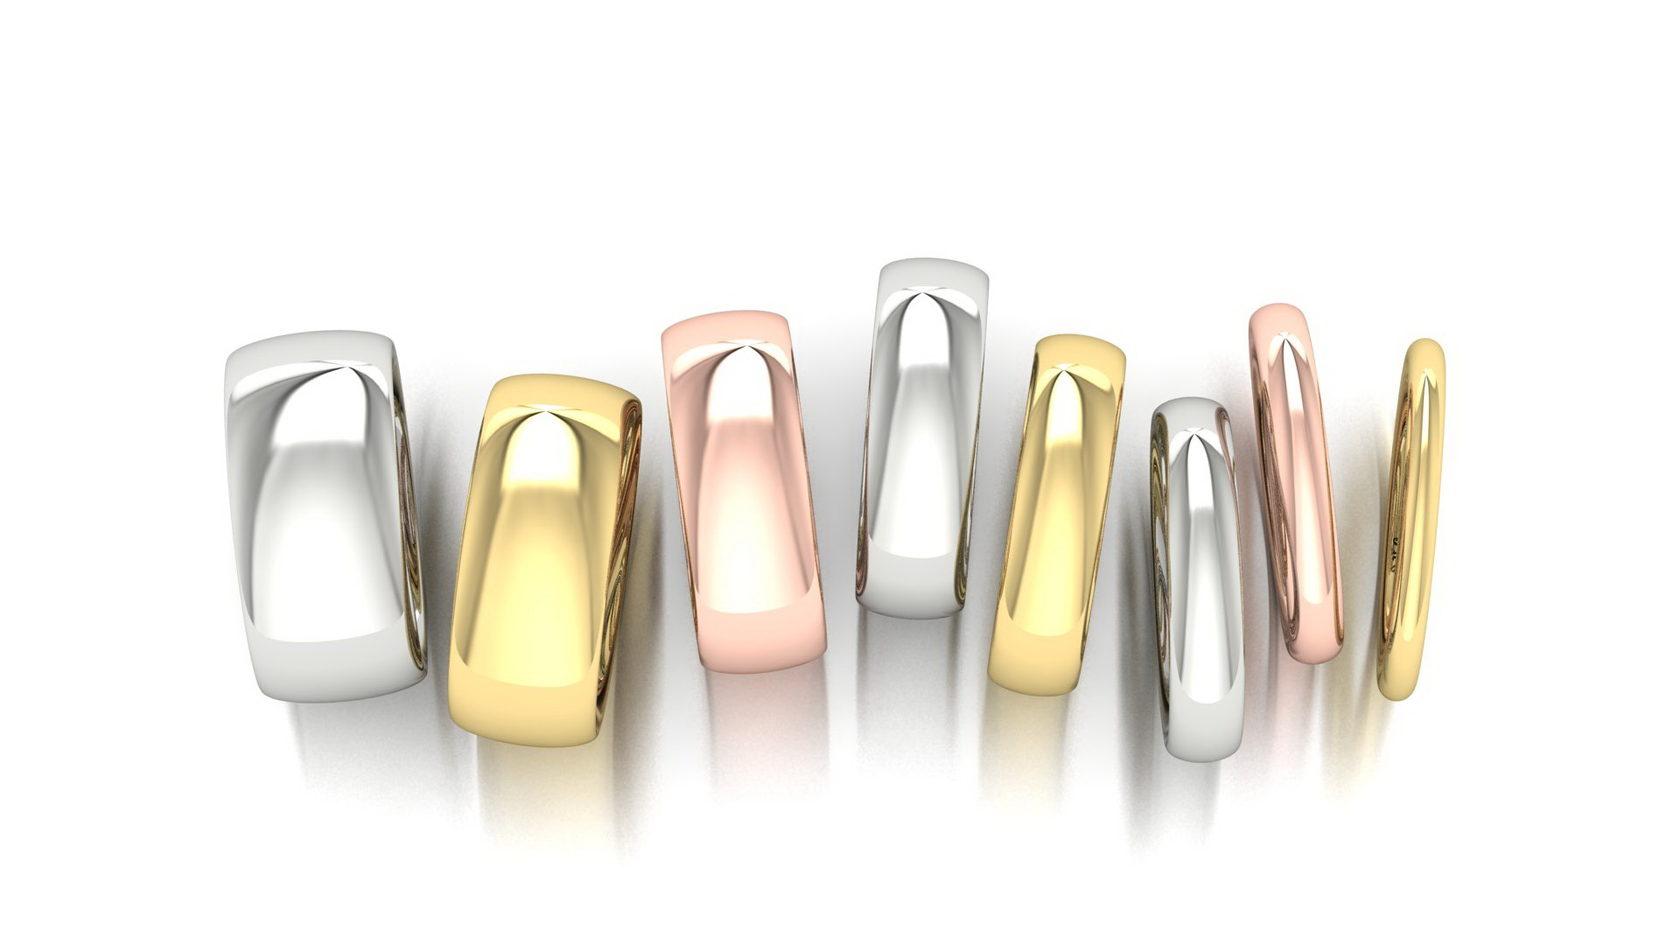 Классические обручальные кольца от широких до узких мужских и женски обручальных колец ювелирная студия Виктора Шадрина